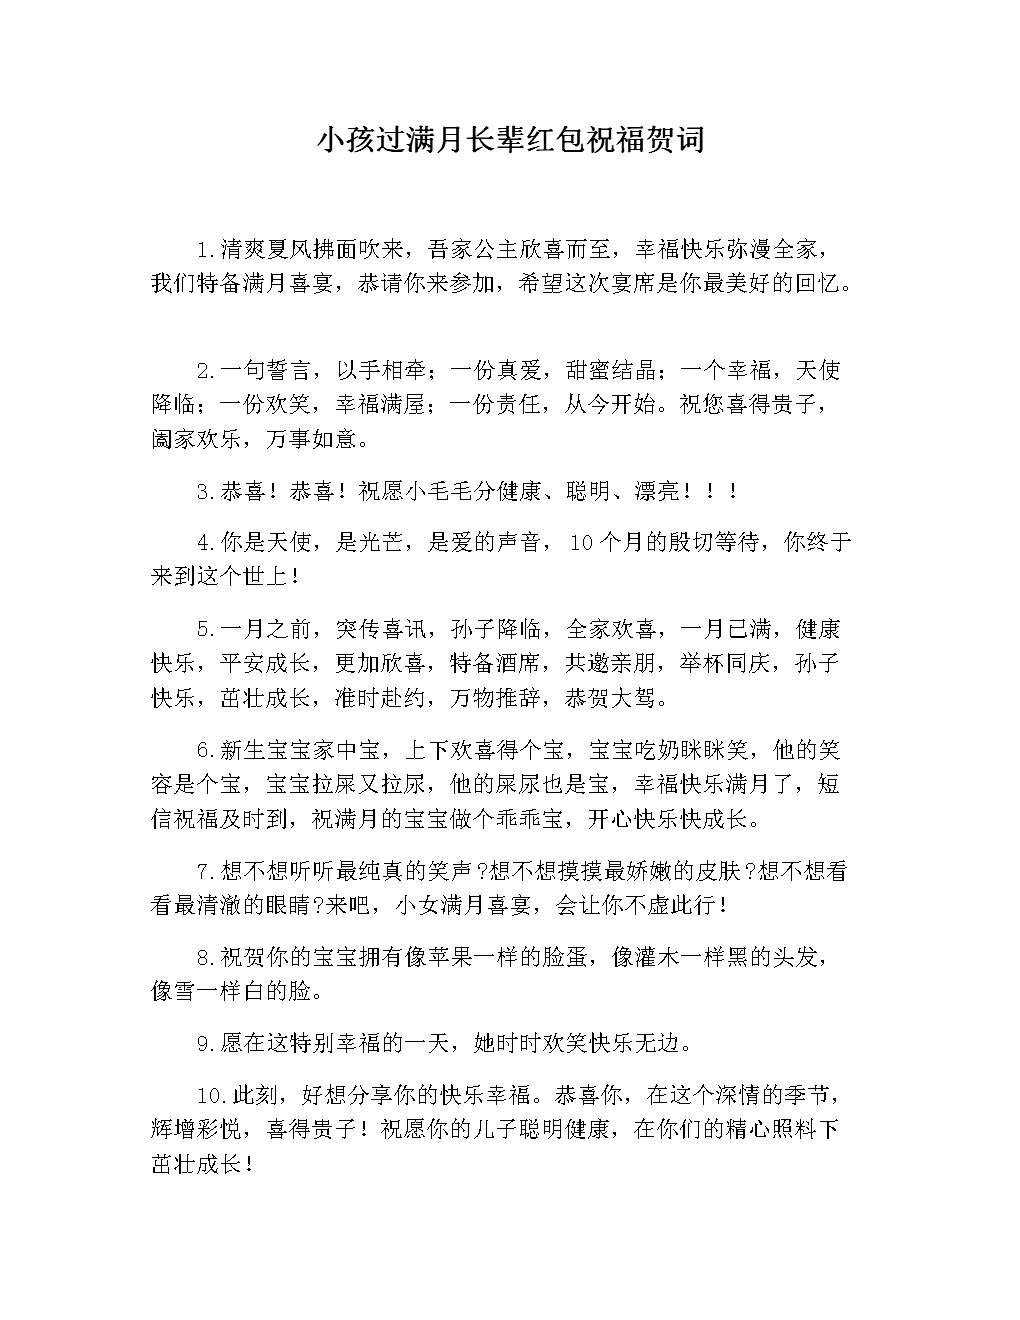 小孩过满月长辈红包祝福贺词.doc